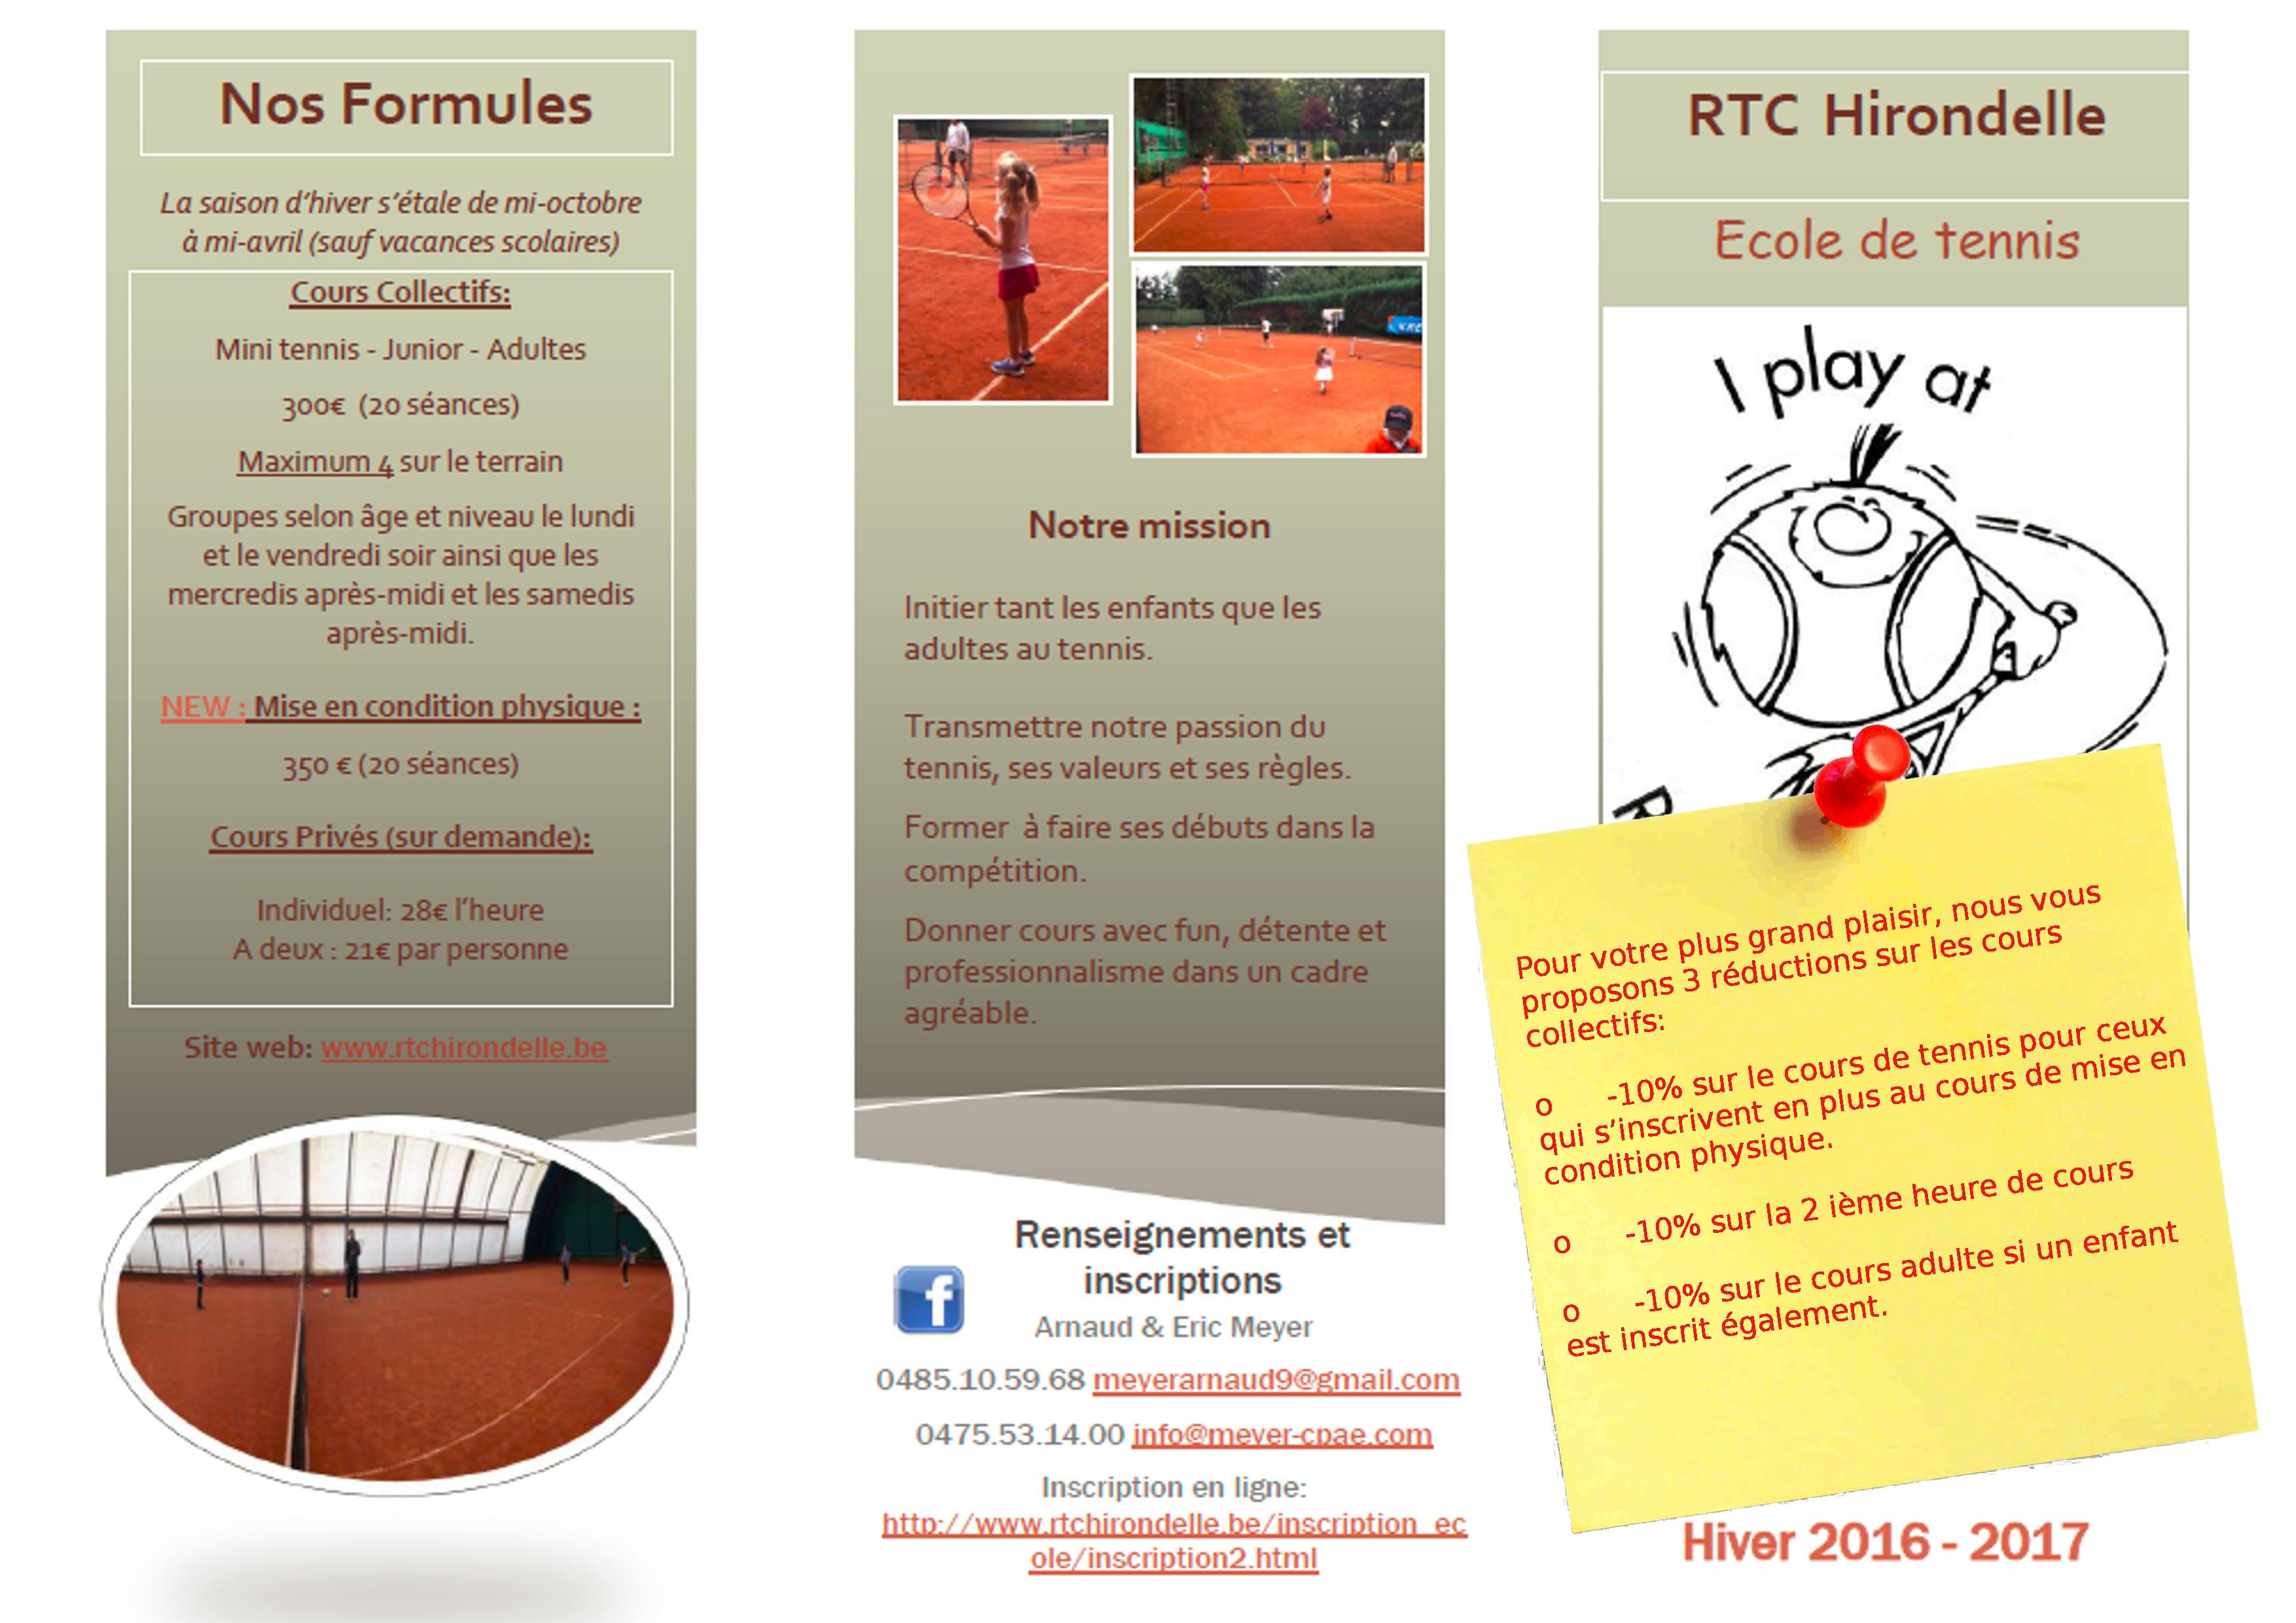 Royal tennis club hirondelle ecole for Cours de tennis en ligne